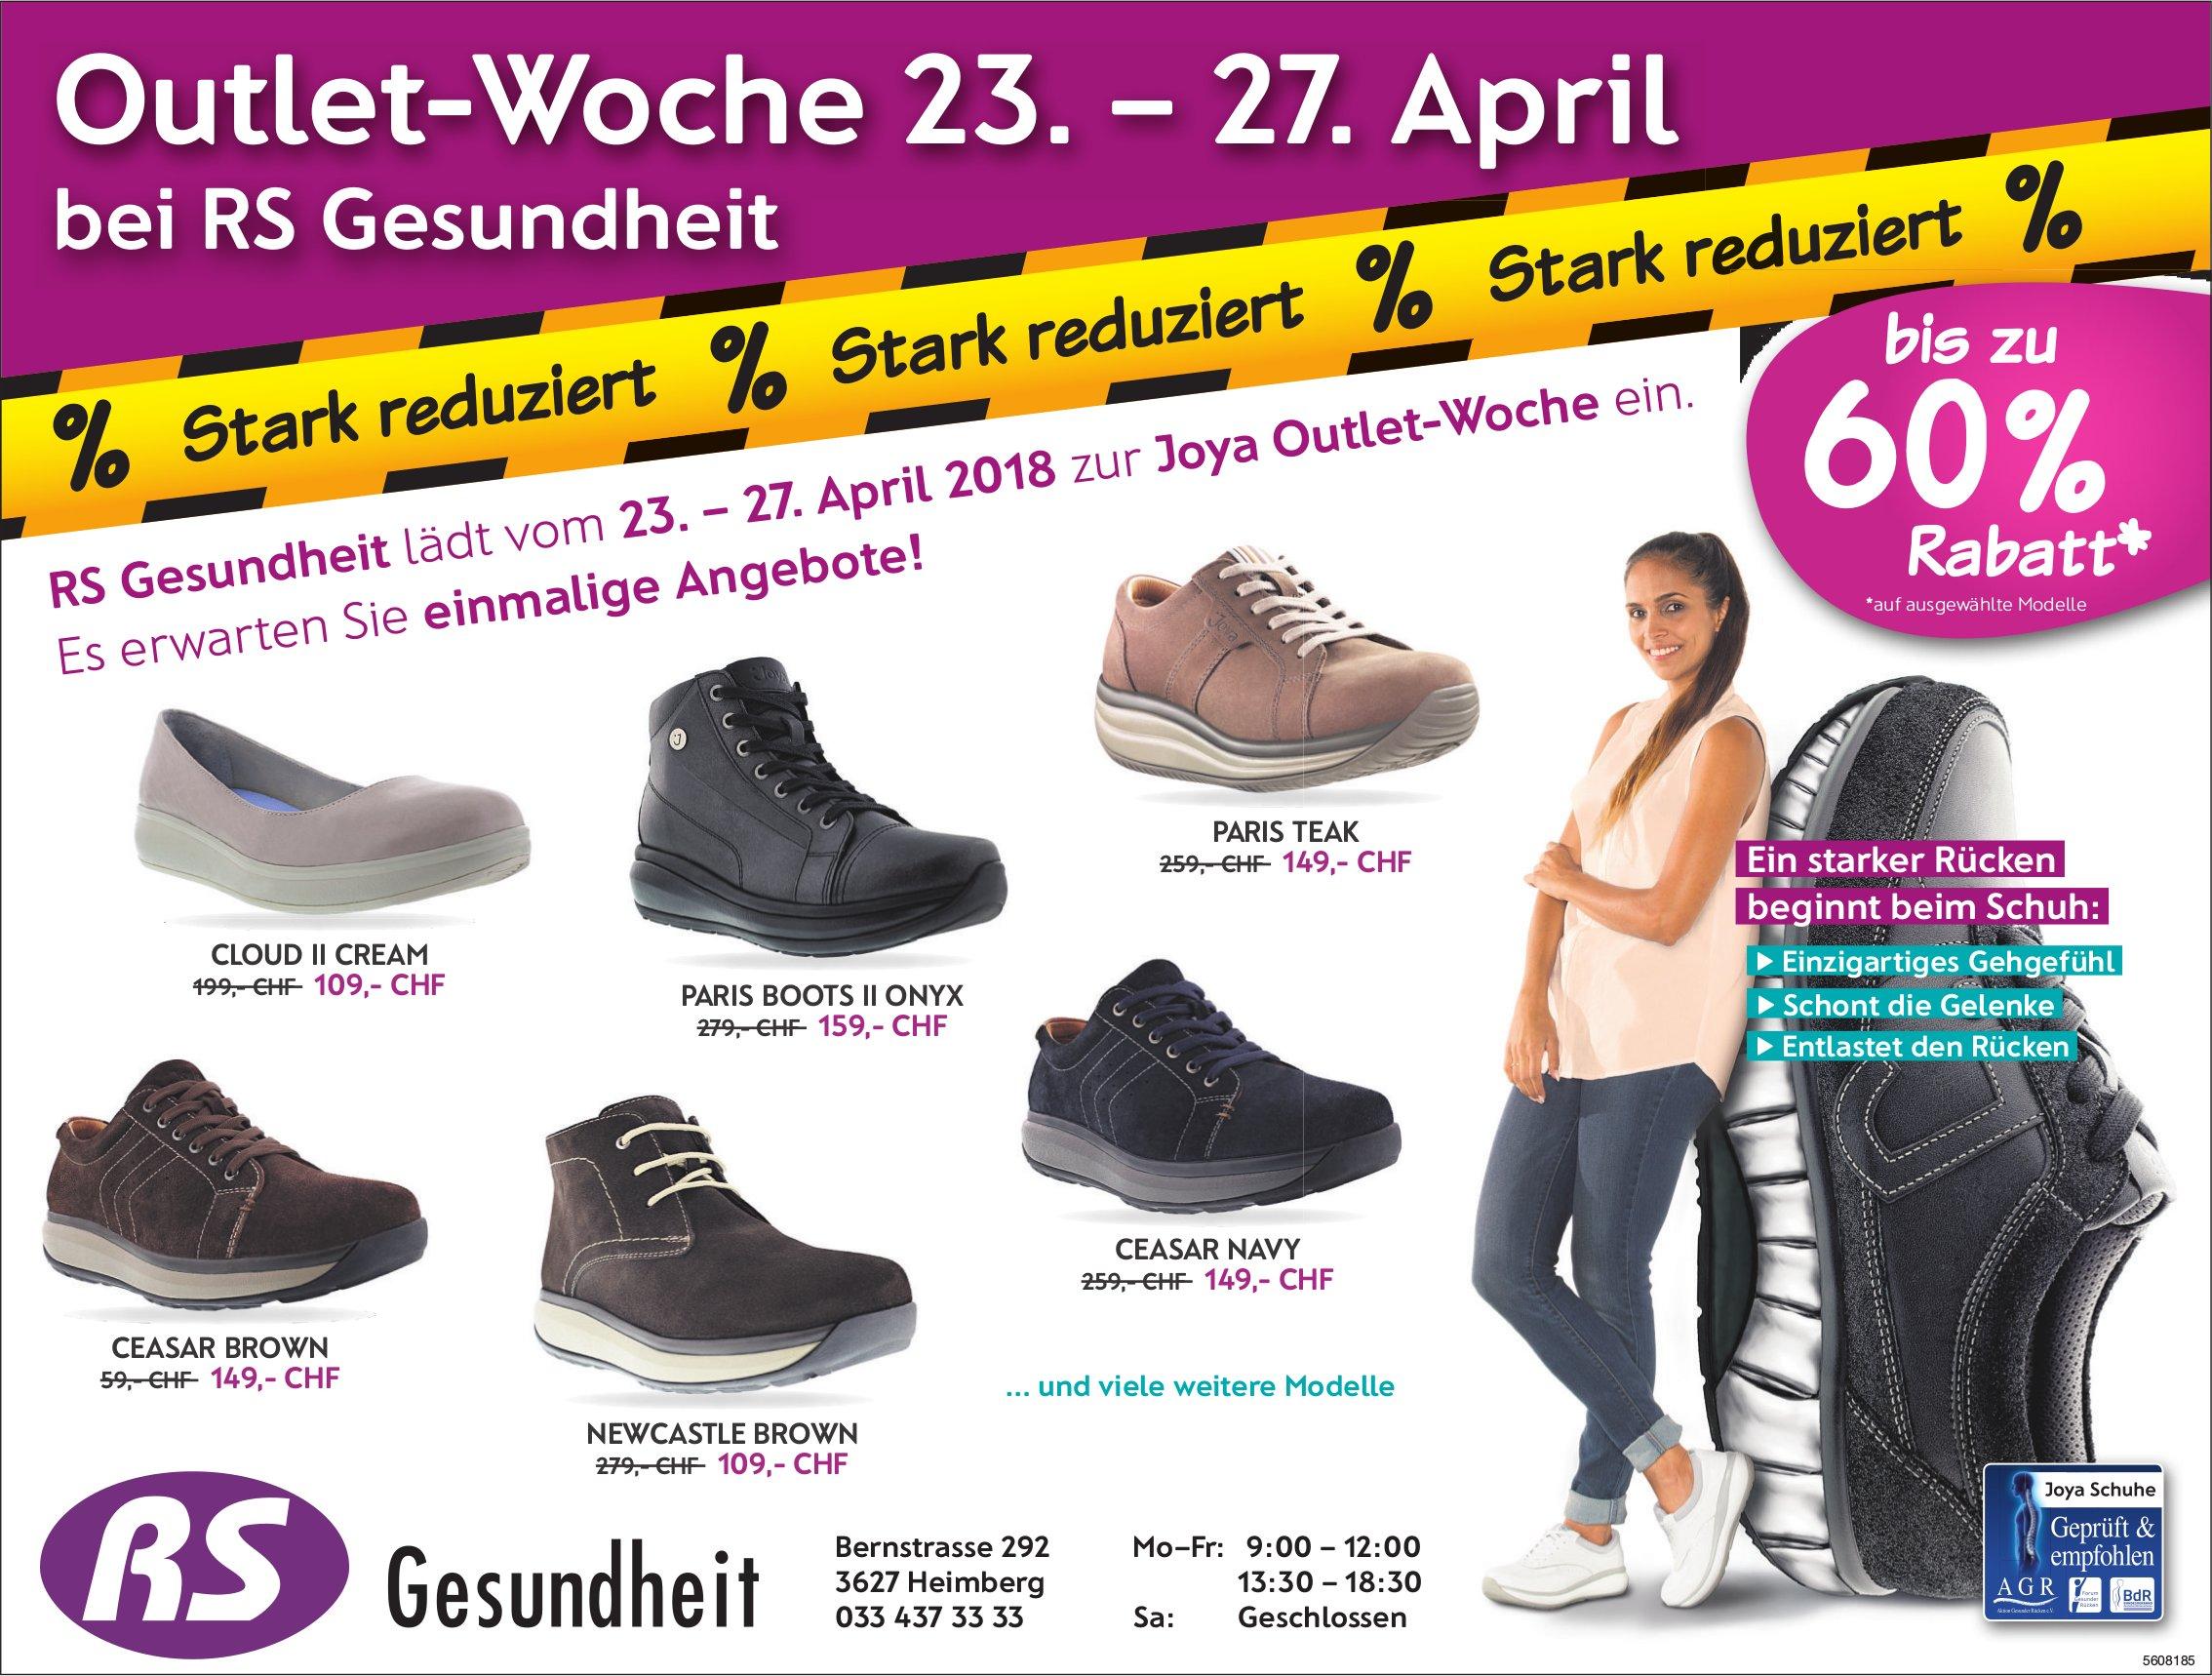 Outlet-Woche 23. – 27. April bei RS Gesundheit, Heimberg